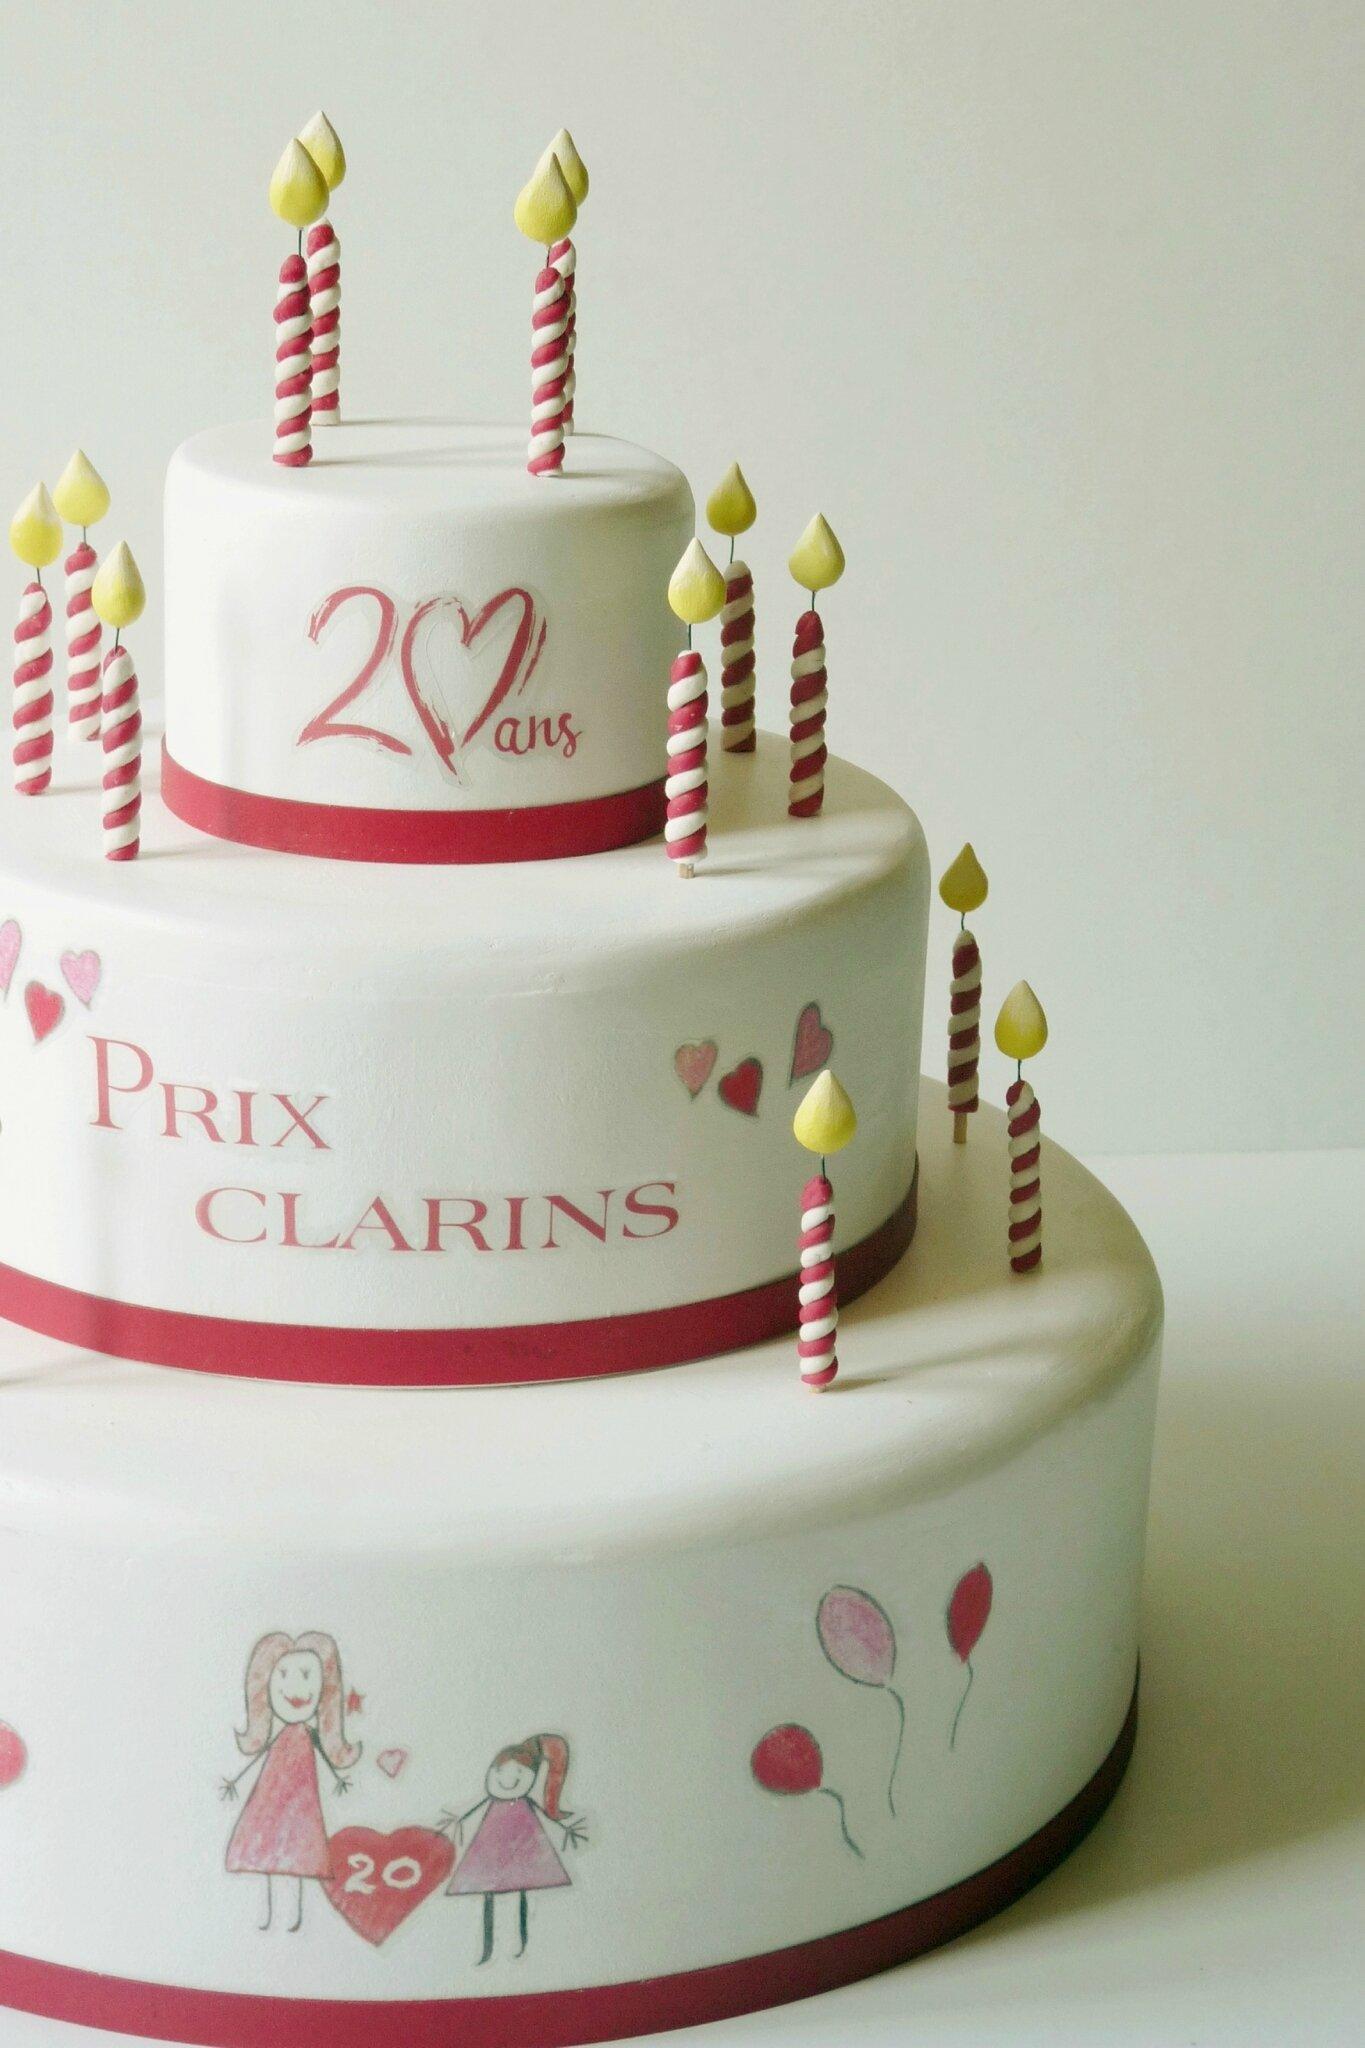 Gâteau Prix Clarins